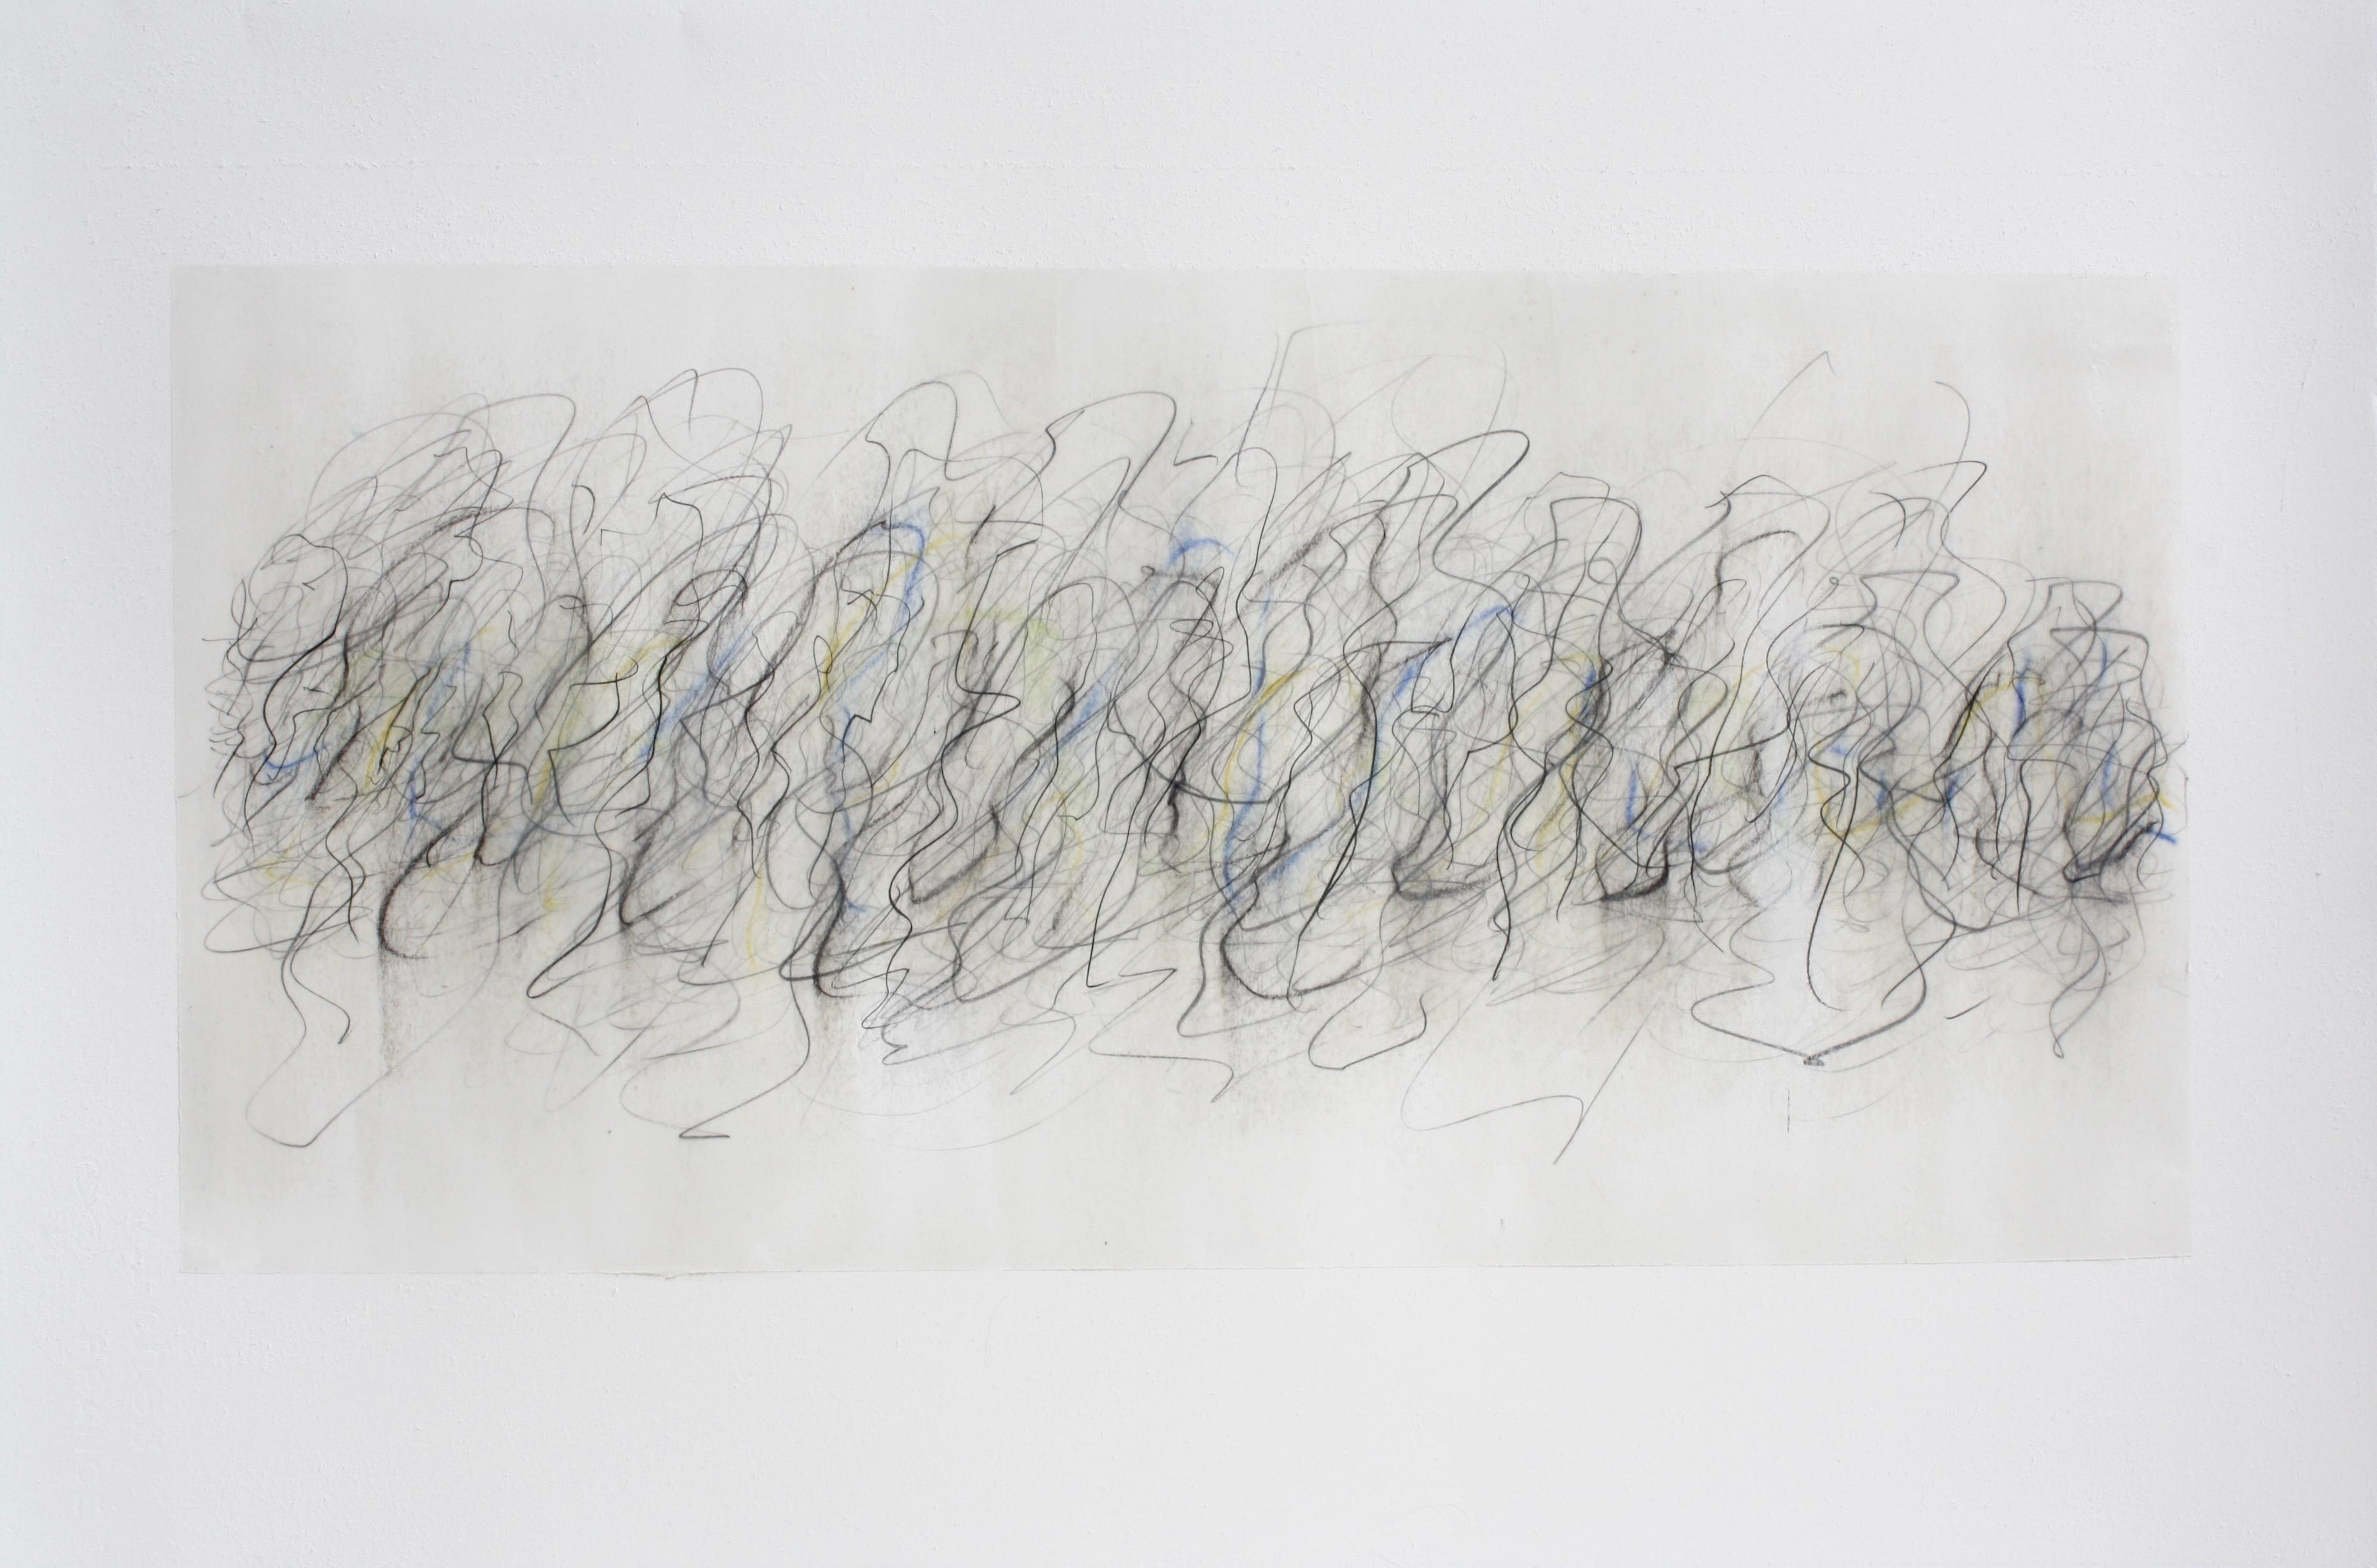 RobinsonFiona_Le vent dans la plaine (Debussy plays Debussy)38x56 cm